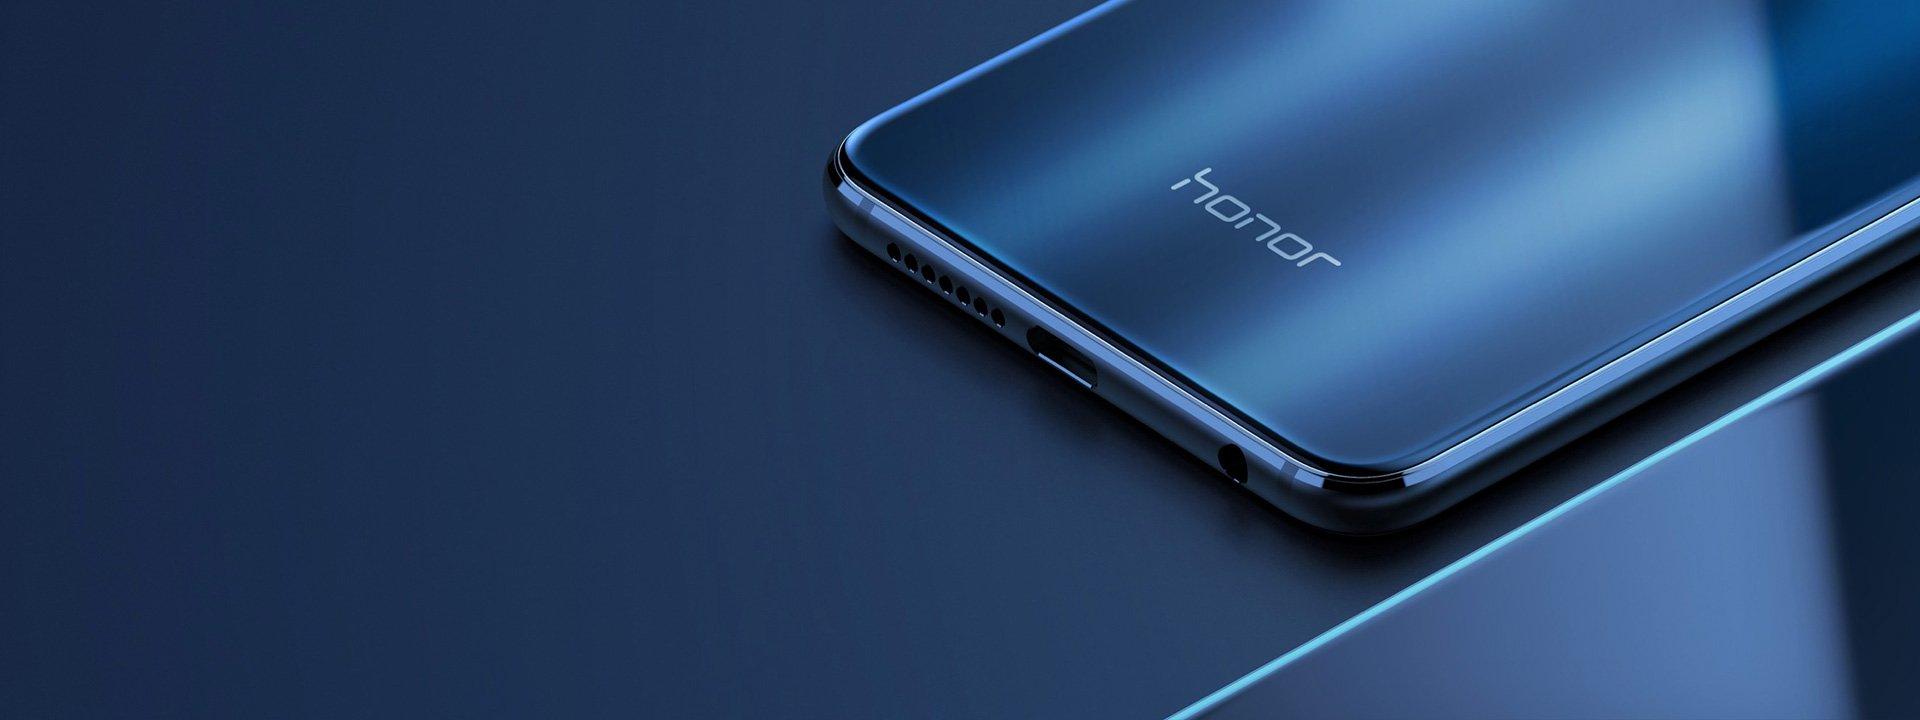 Huawei Honor 8 nie dostanie aktualizacji do Androida 8.0 Oreo